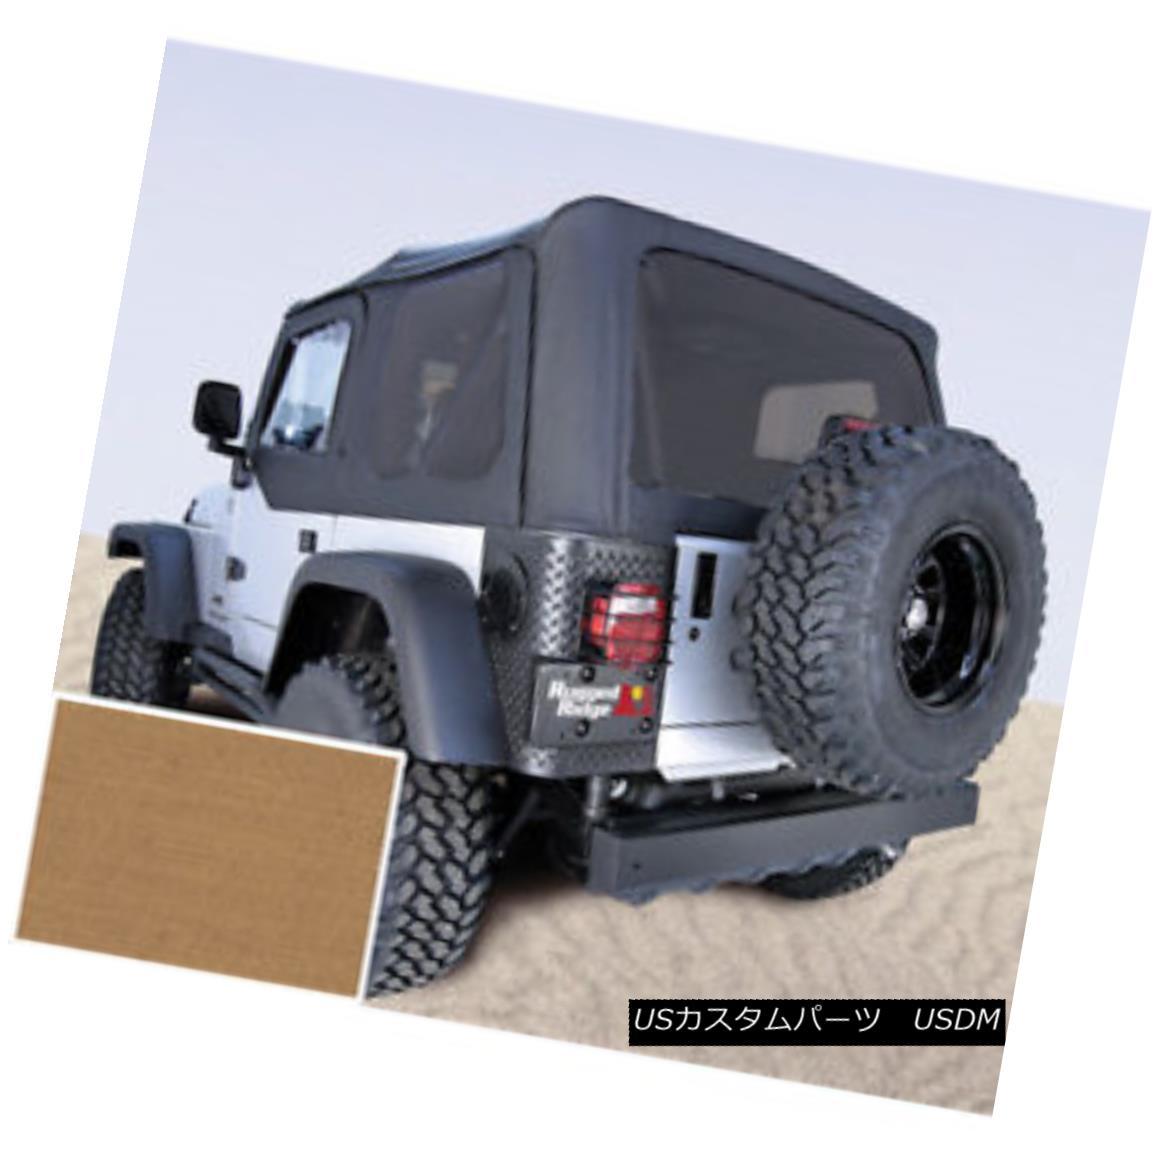 幌・ソフトトップ Rugged Ridge 13726.37 XHD Soft Top Spice Tinted Window 97-06 Jeep Wrangler 頑丈な尾根13726.37 XHDソフトトップスパイスティント付きウィンドウ97-06ジープラングラー